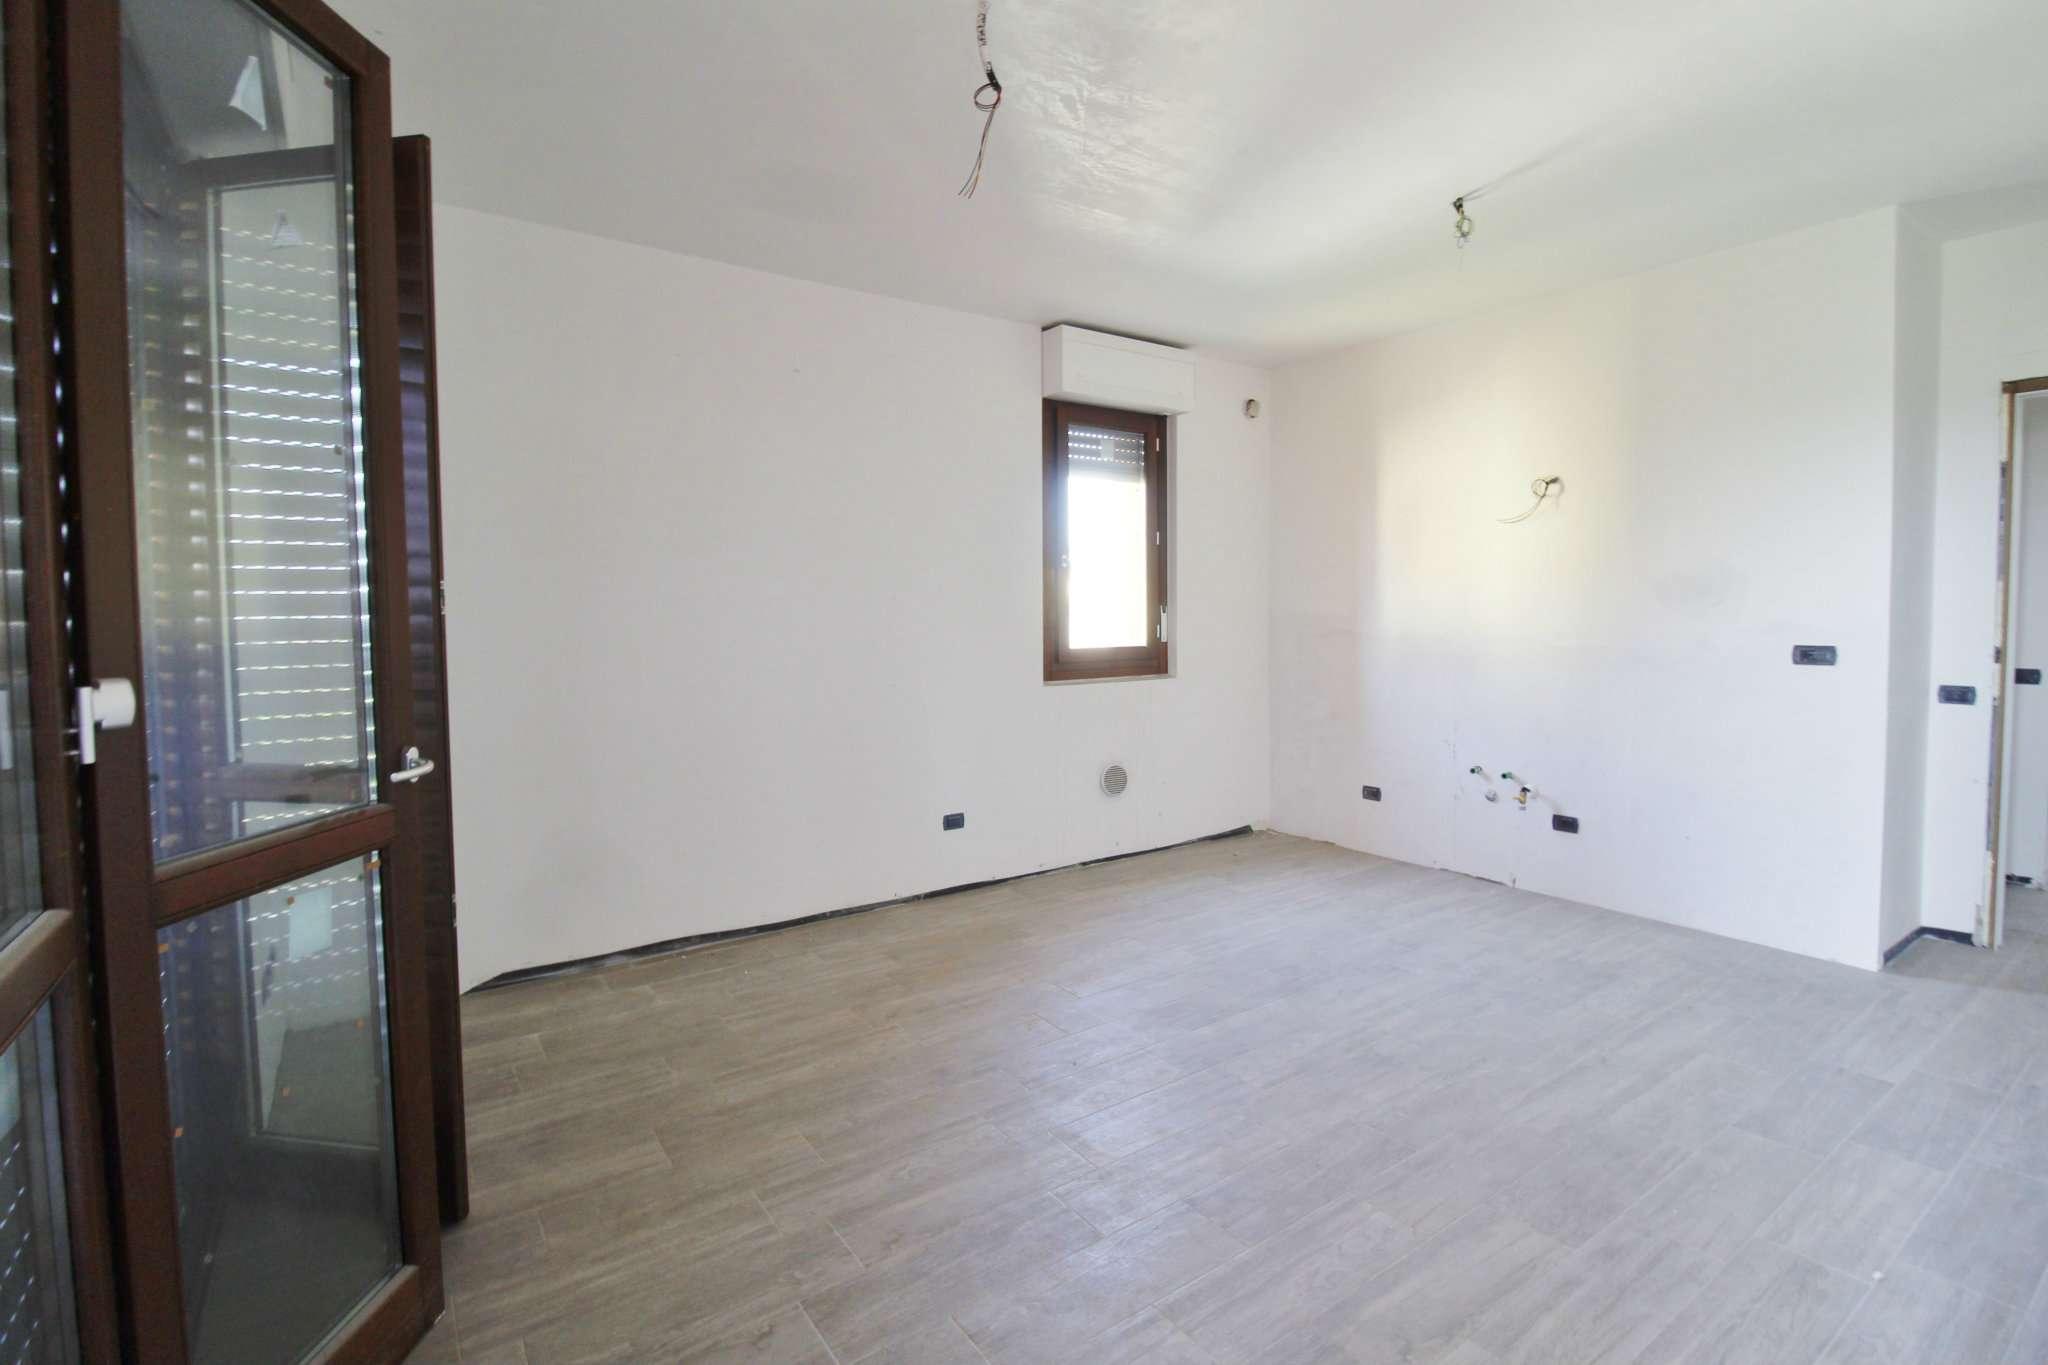 Appartamento in vendita a Mezzago, 3 locali, prezzo € 146.000 | CambioCasa.it